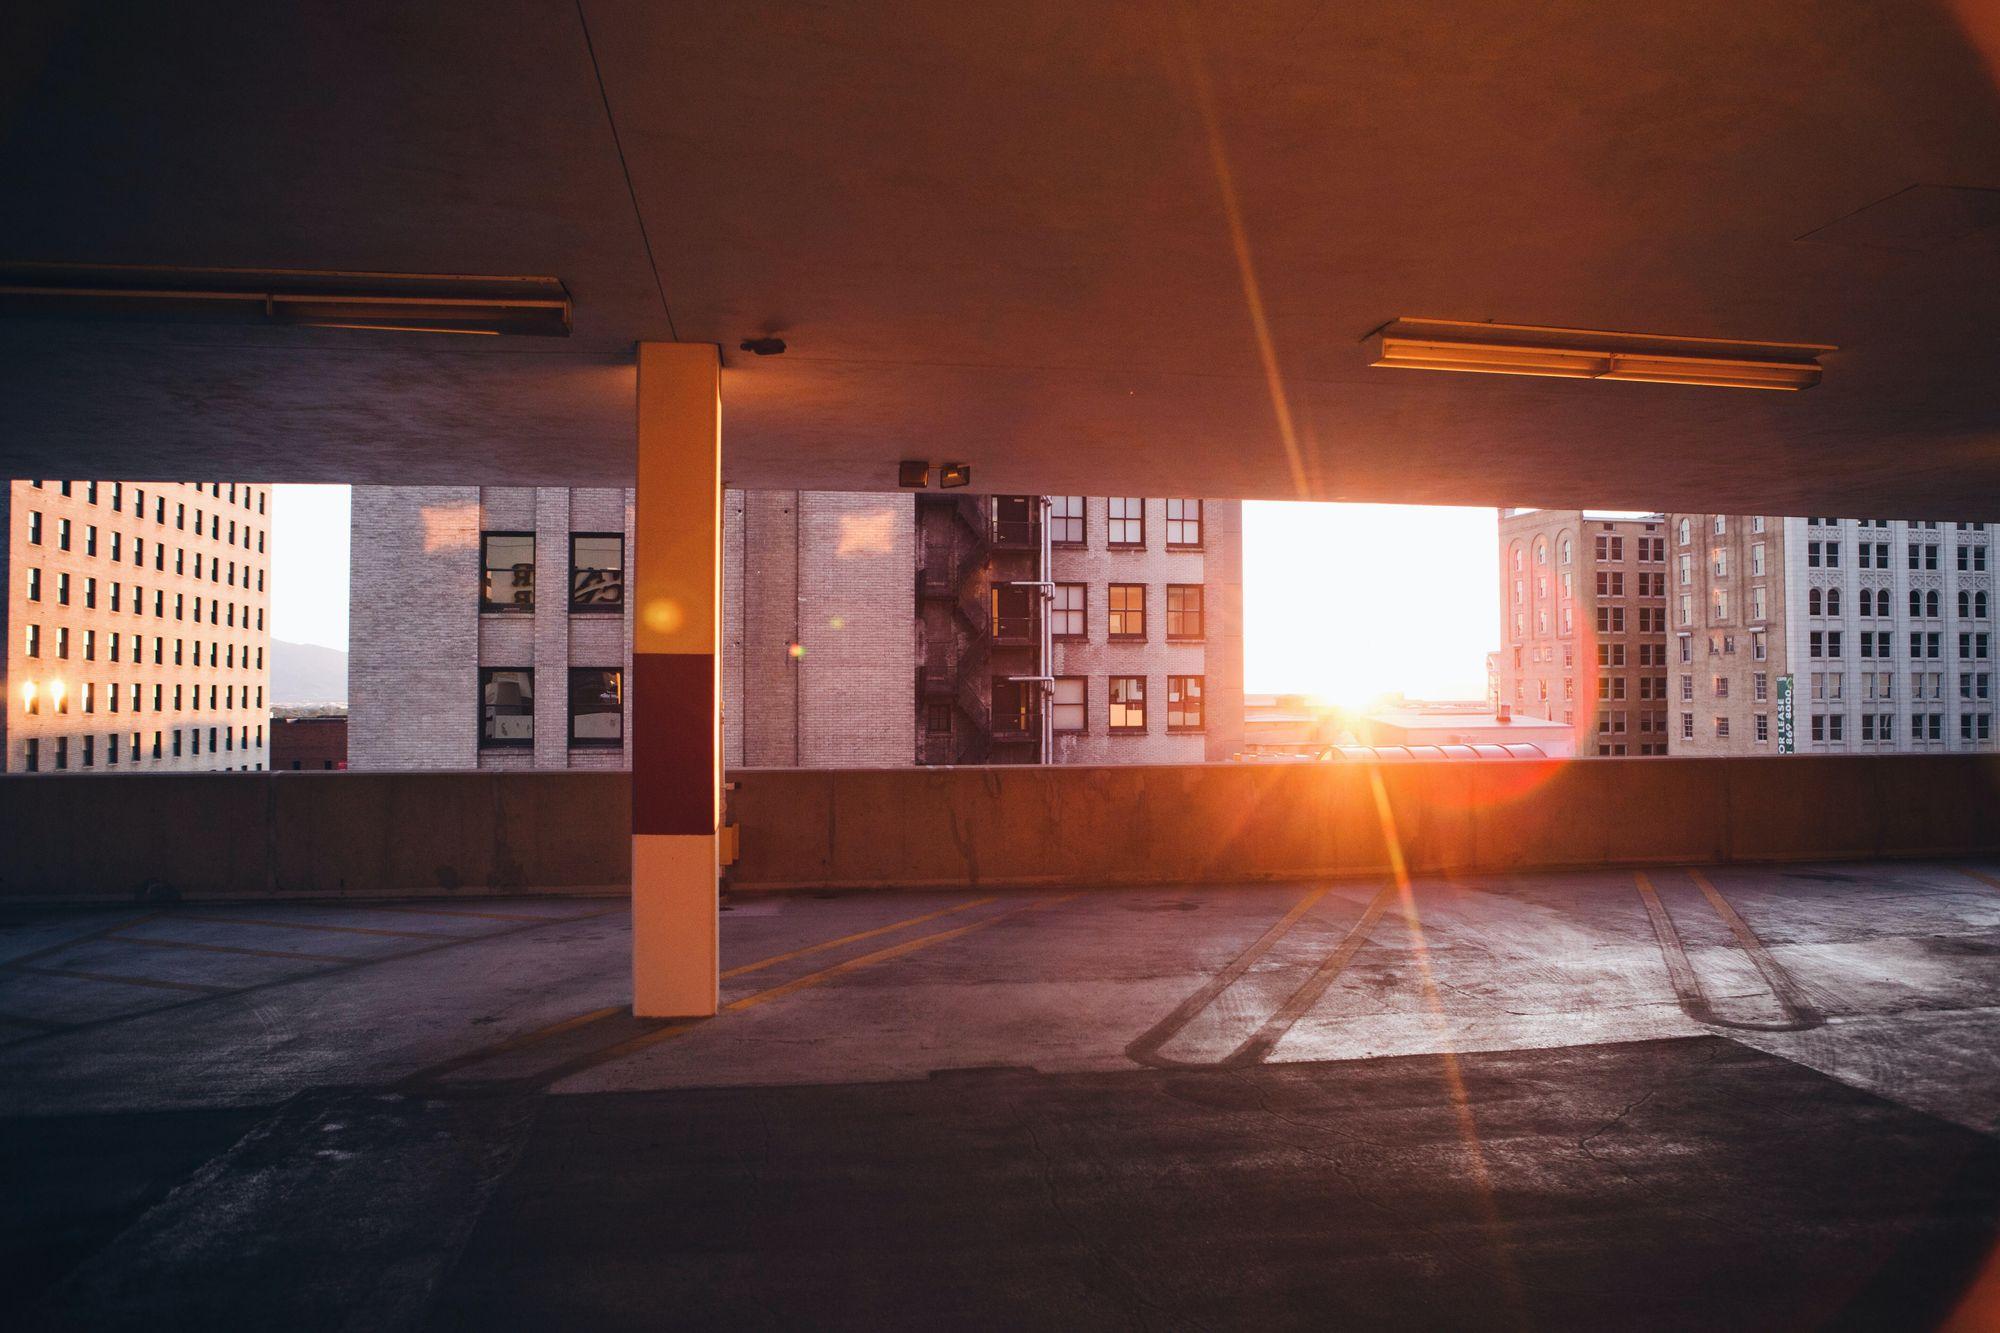 εσωτερικό κτιρίου με φόντο το ηλιοβασίλεμα